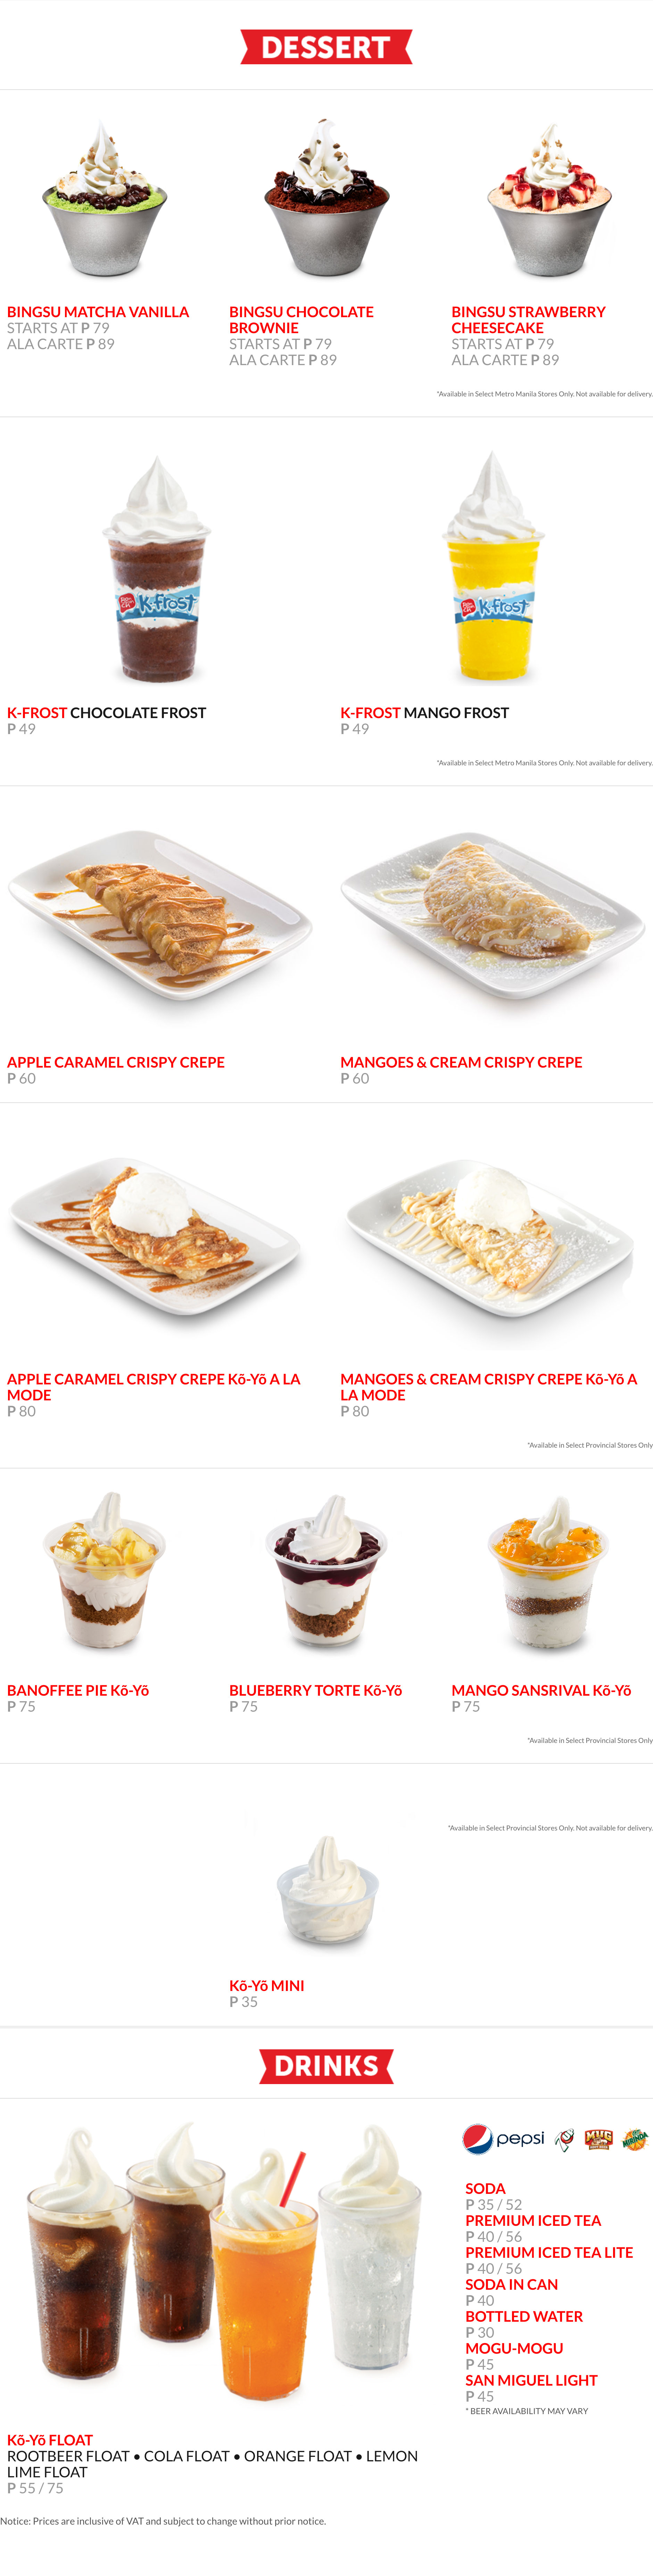 Bonchon Dessert Menu